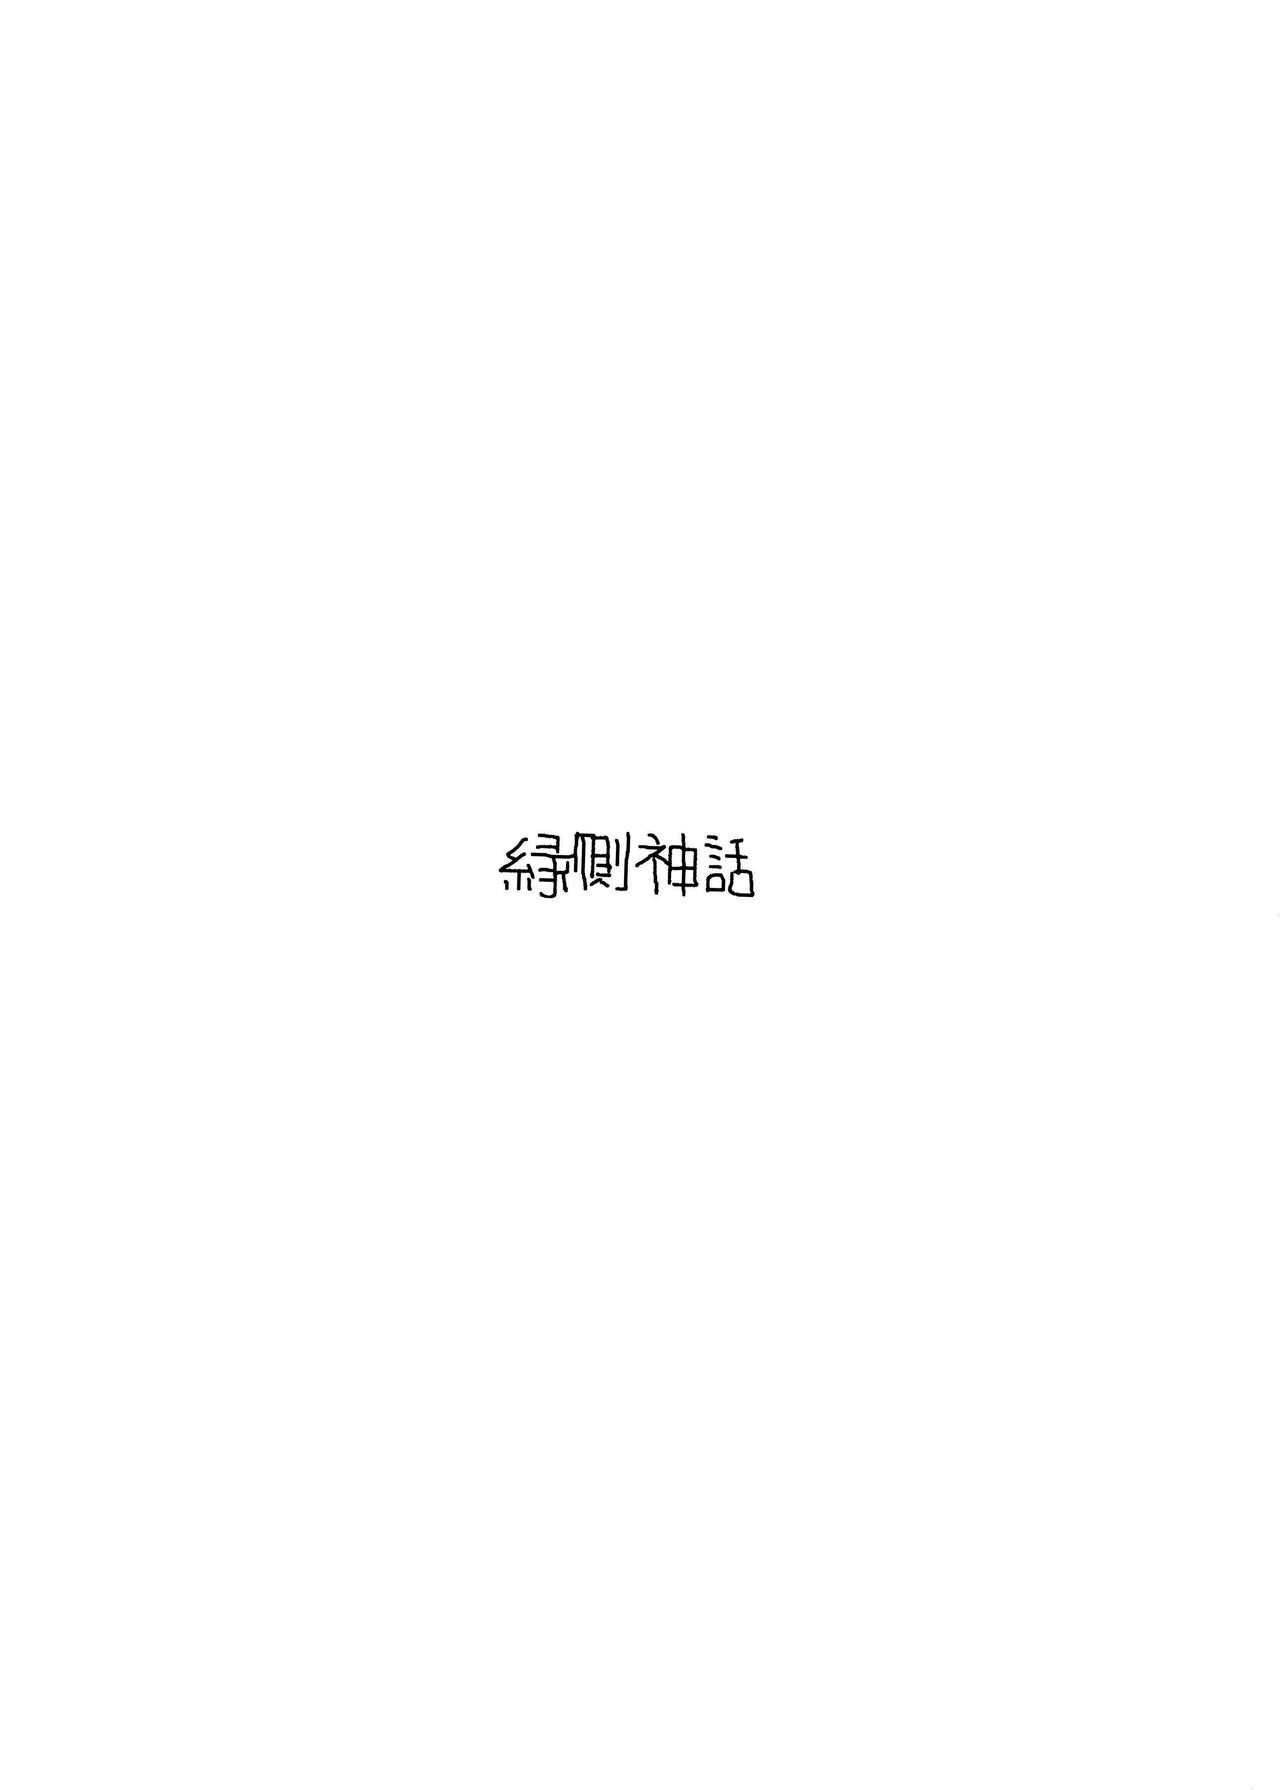 Josei Douseiai Matome 1 丨 女性同性愛合集 1 26